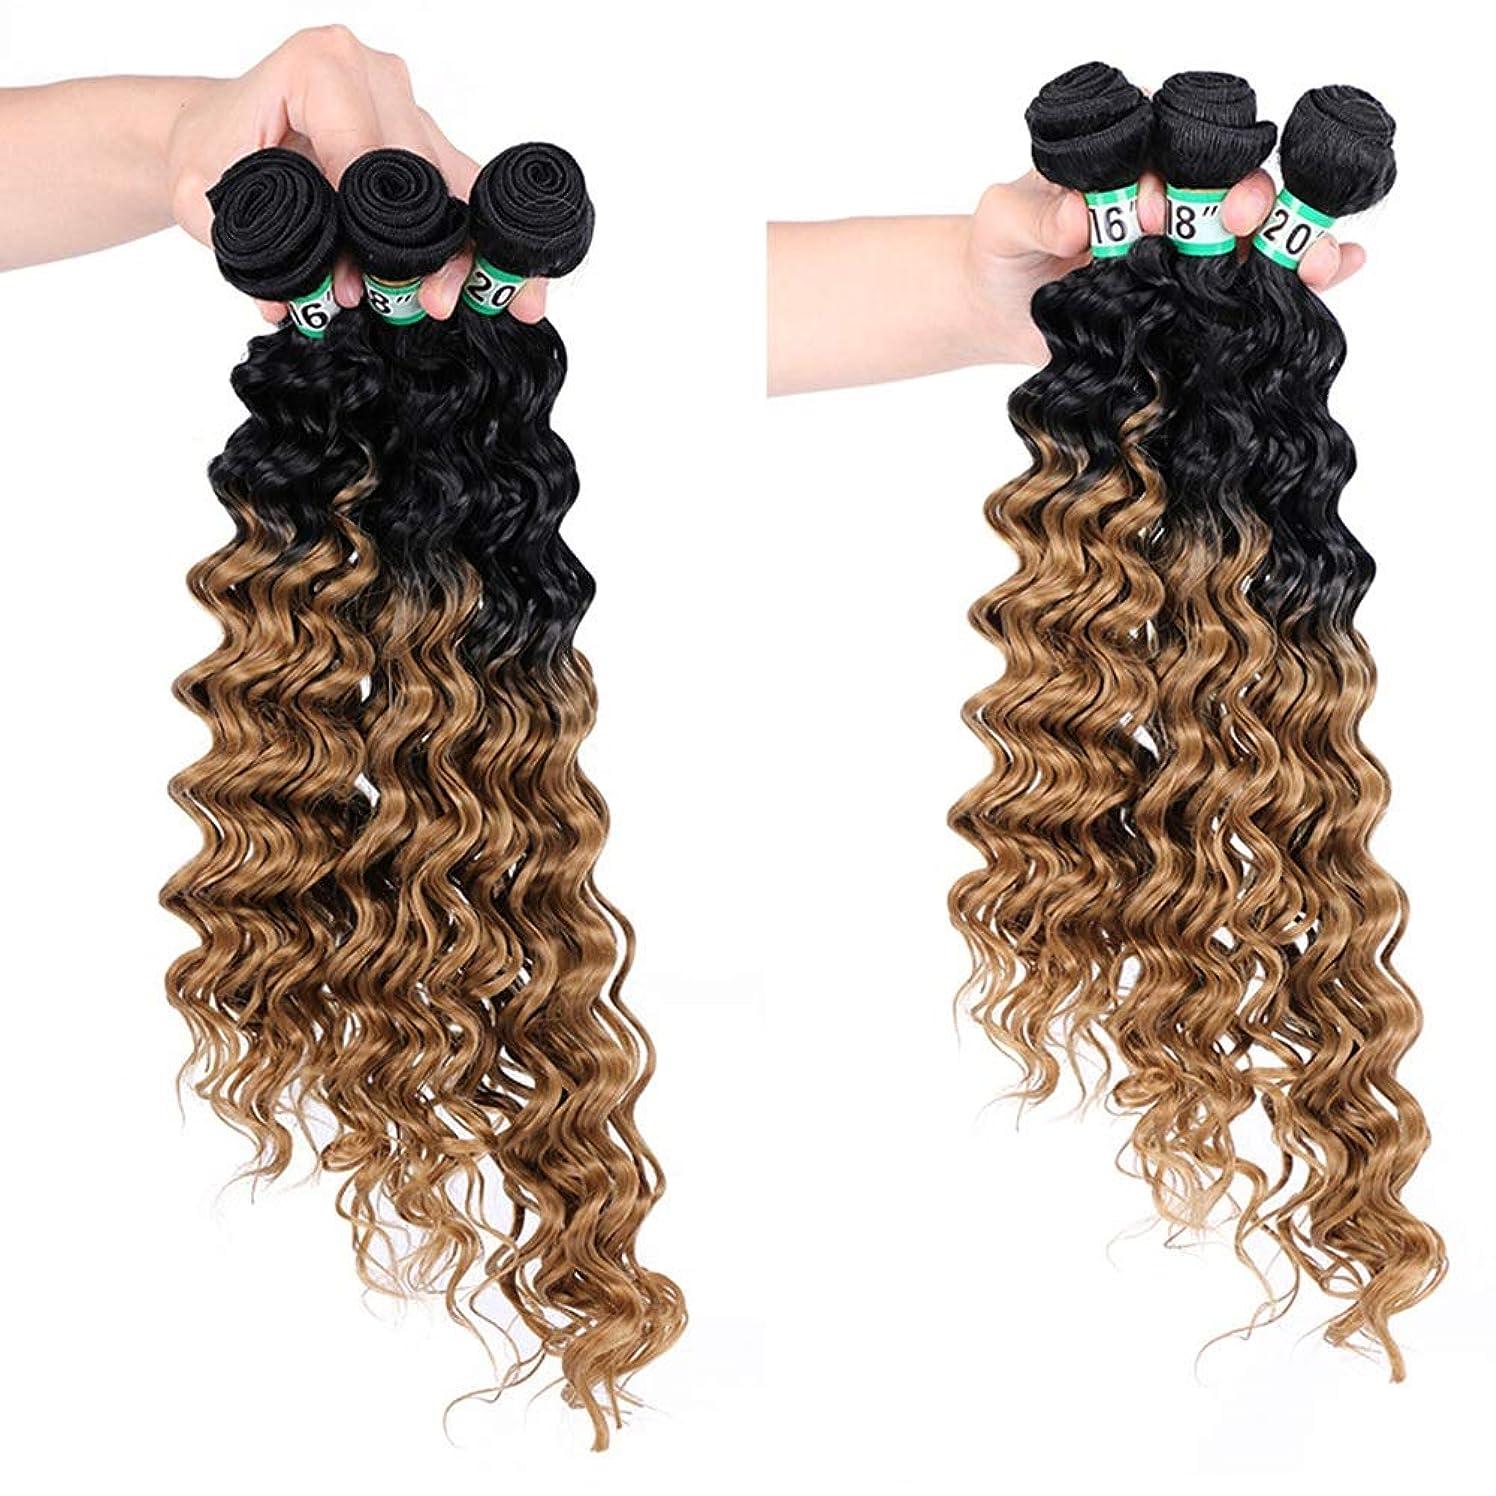 役員軽減する苗BOBIDYEE ディープカーリーウェーブ3バンドルブラジルのヘアエクステンション - T1 / 27#茶色の合成髪レースかつらロールプレイングかつらロングとショートの女性自然 (色 : ブラウン, サイズ : 16